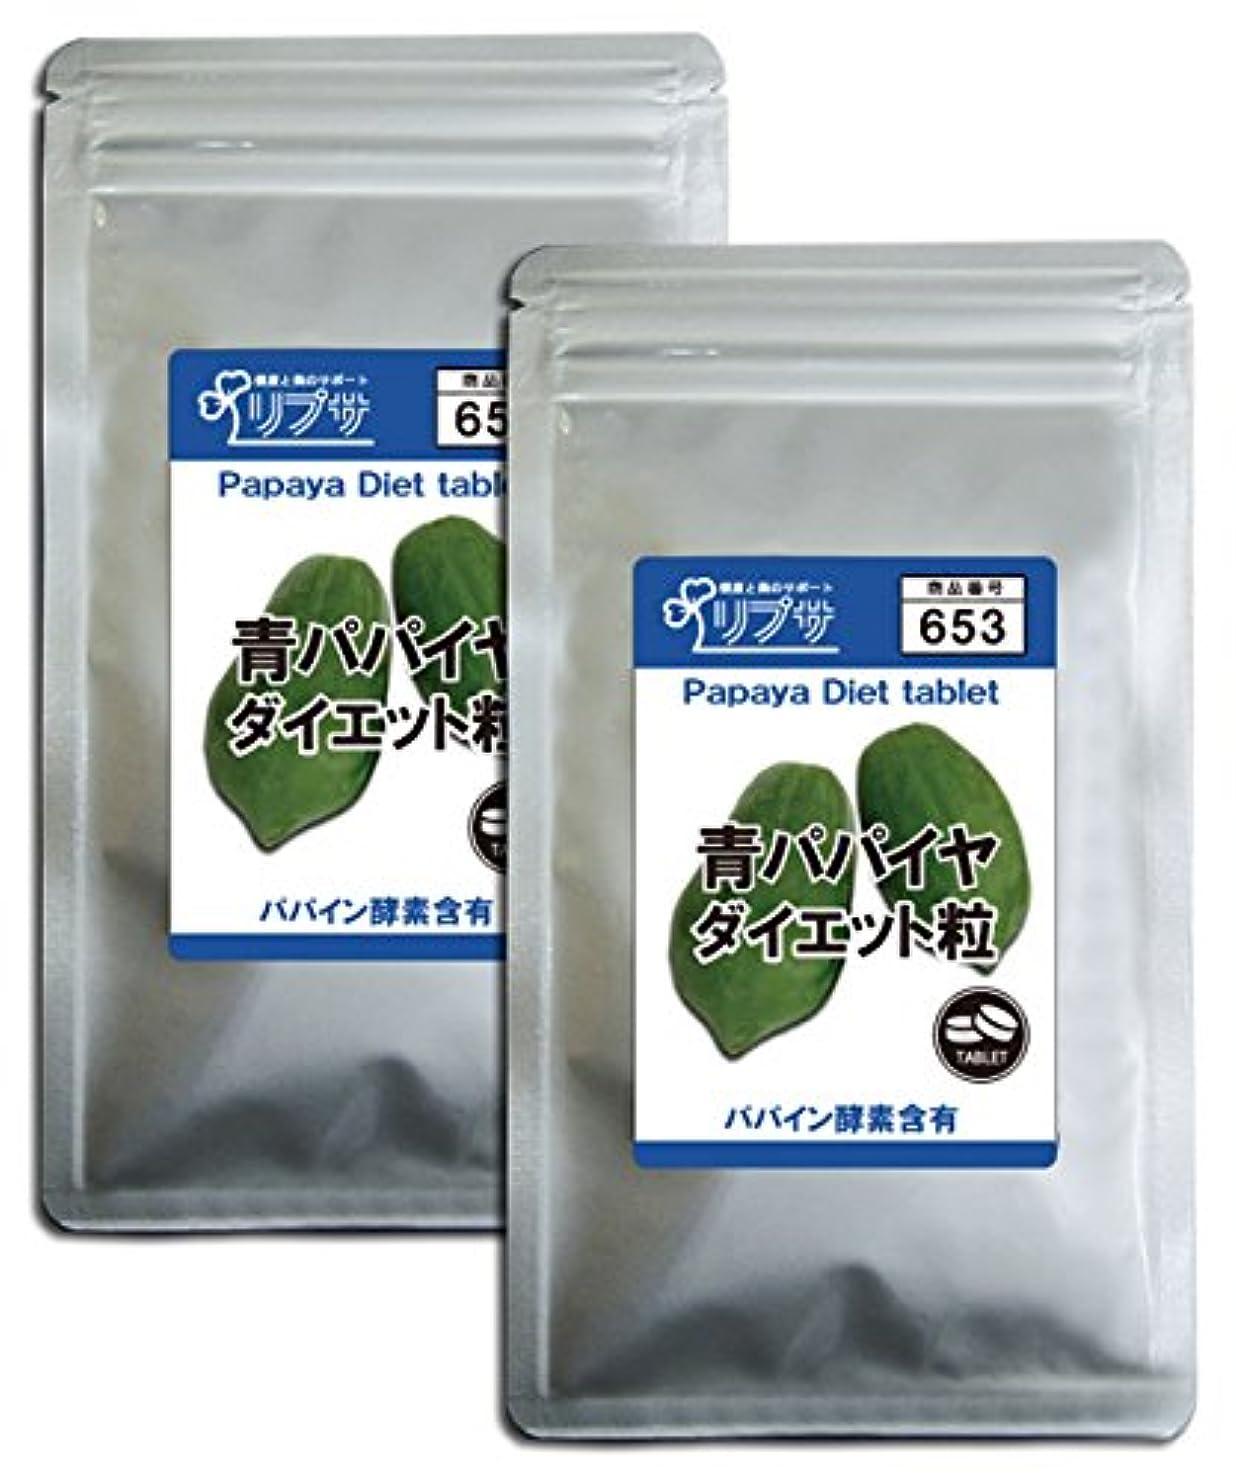 パスポートコンソールフォーカス青パパイヤダイエット粒 約3か月分×2袋 T-653-2